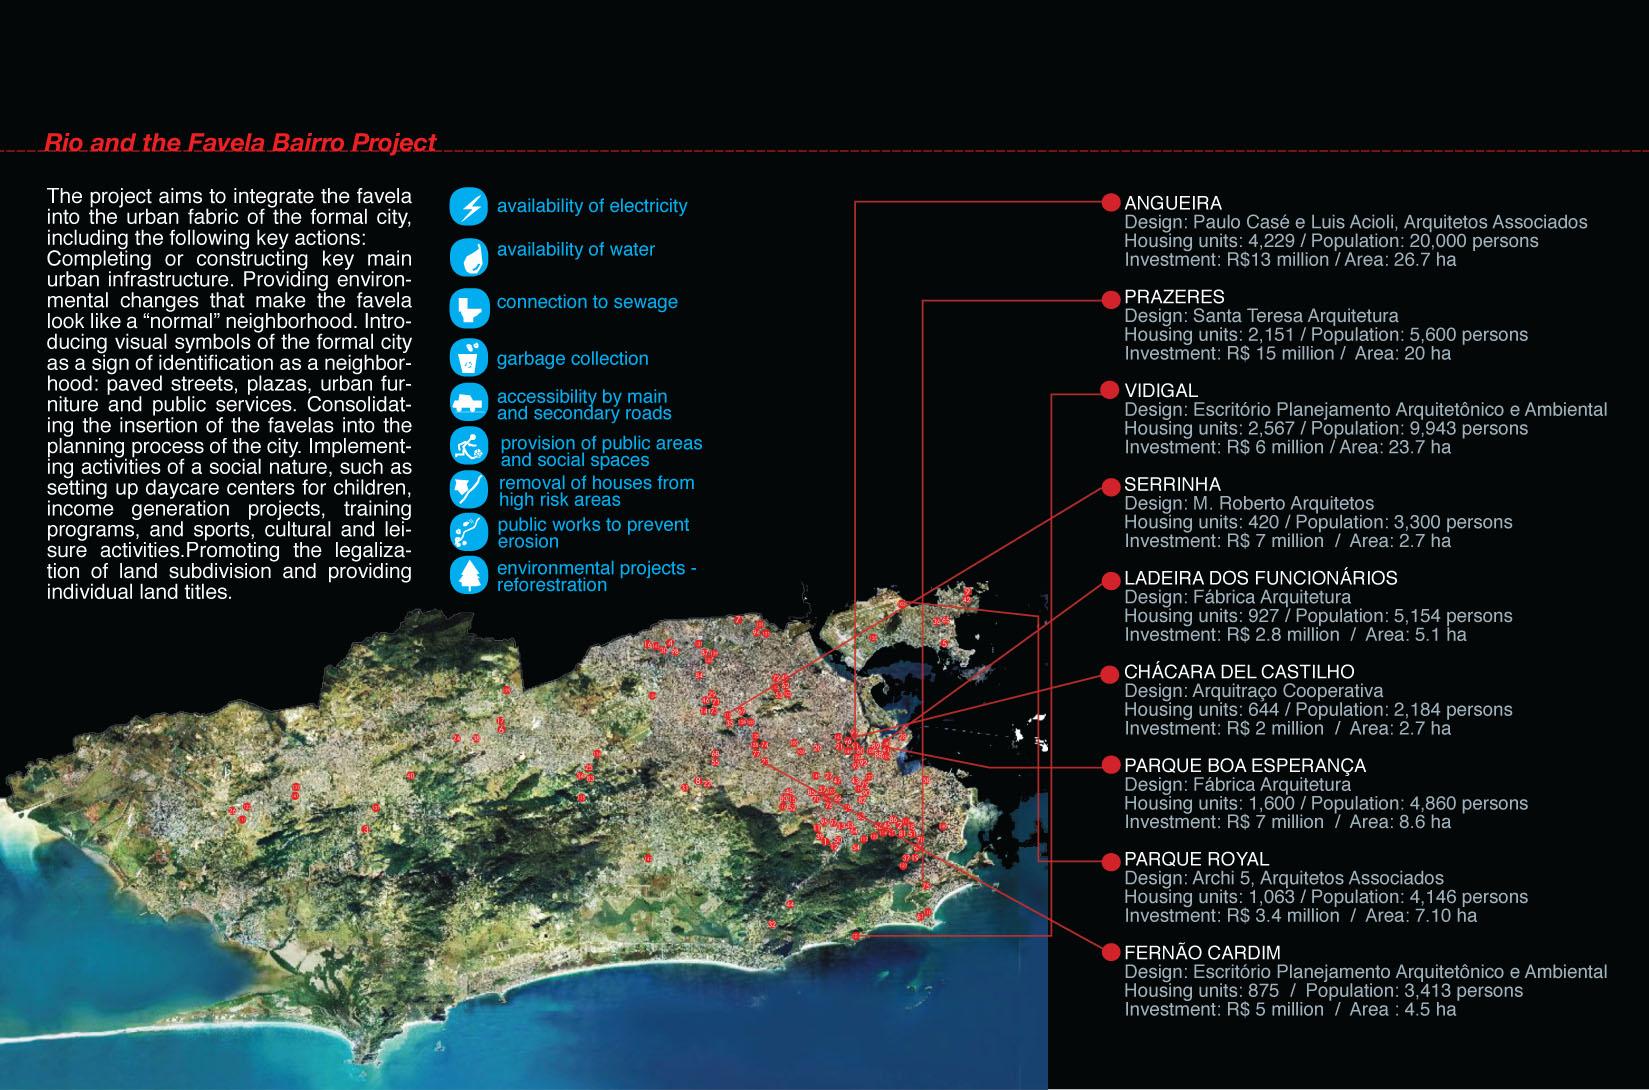 Methods_Precedent Favela Bairro Project Rio de Janeiro